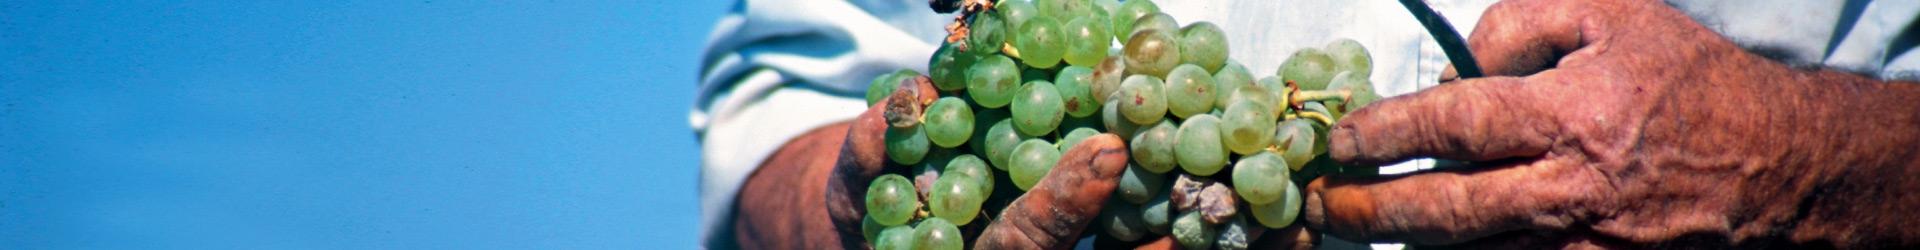 AGROTOURISME EN GRECE